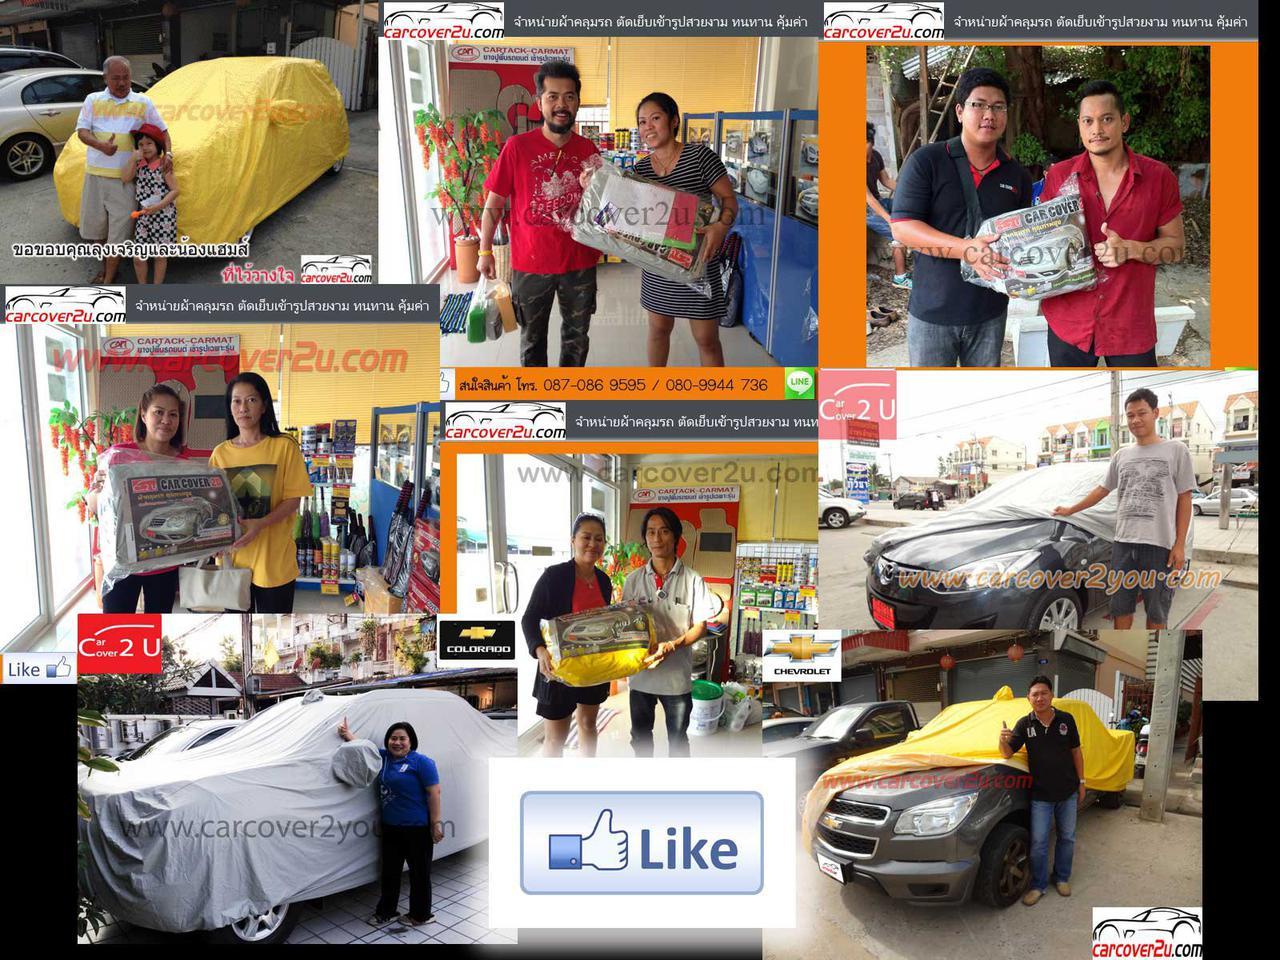 ขายผ้าคลุมรถยนต์ ผ้าคลุมรถมอเตอร์ไซค์ ปลีก-ส่ง ราคาโรงงาน รูปที่ 3